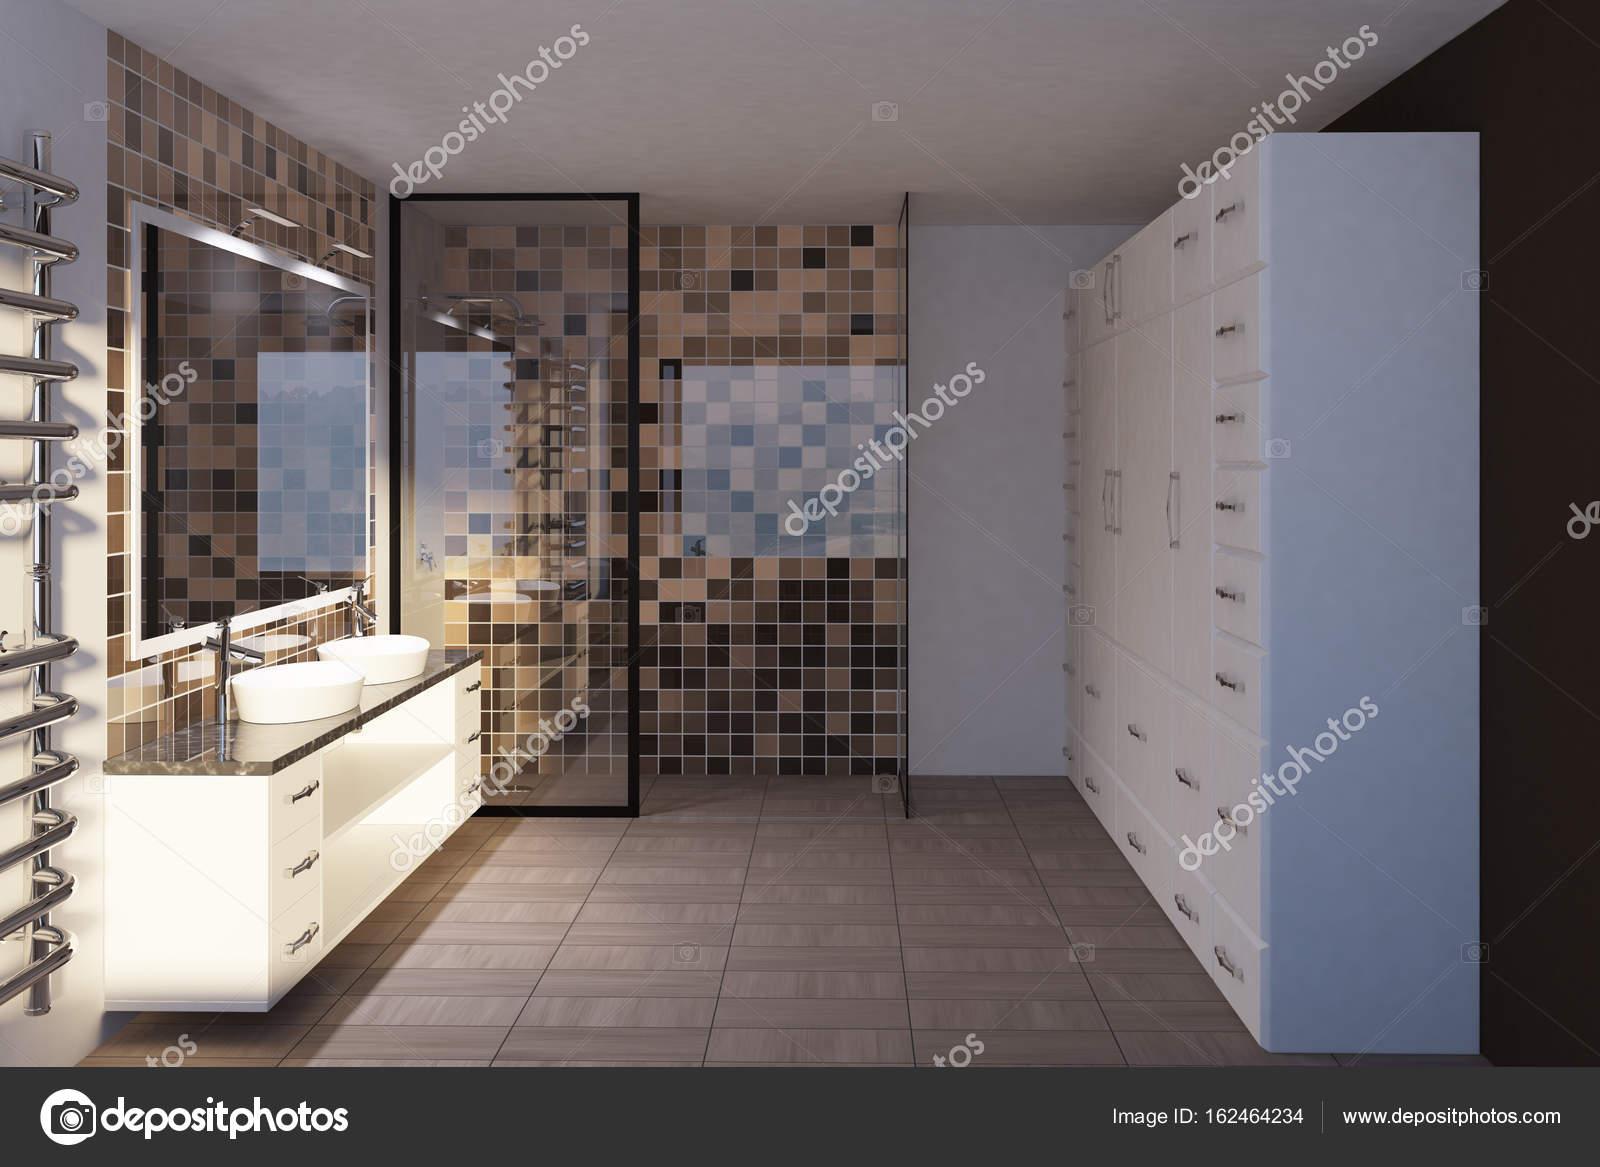 Beige Badezimmer Interieur Mit Zwei Waschbecken, Zwei Sätze Von Schubladen,  Ein Großer Spiegel Und Eine Dusche Mit Einer Glaswand. Seitenansicht.